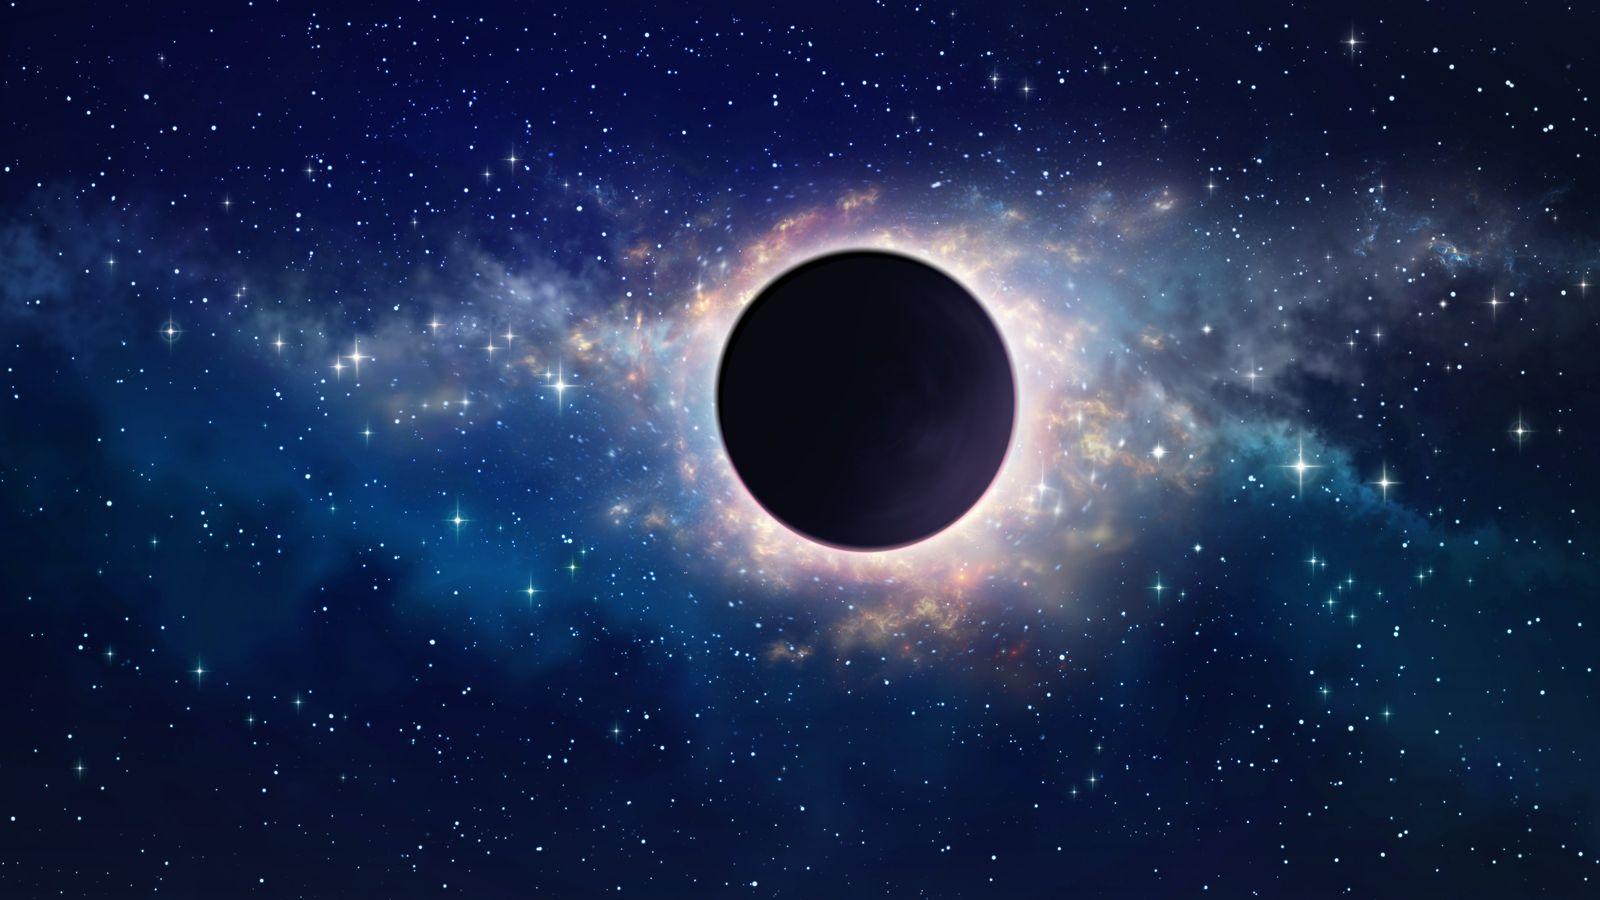 Représentation d'un trou noir dans l'espace